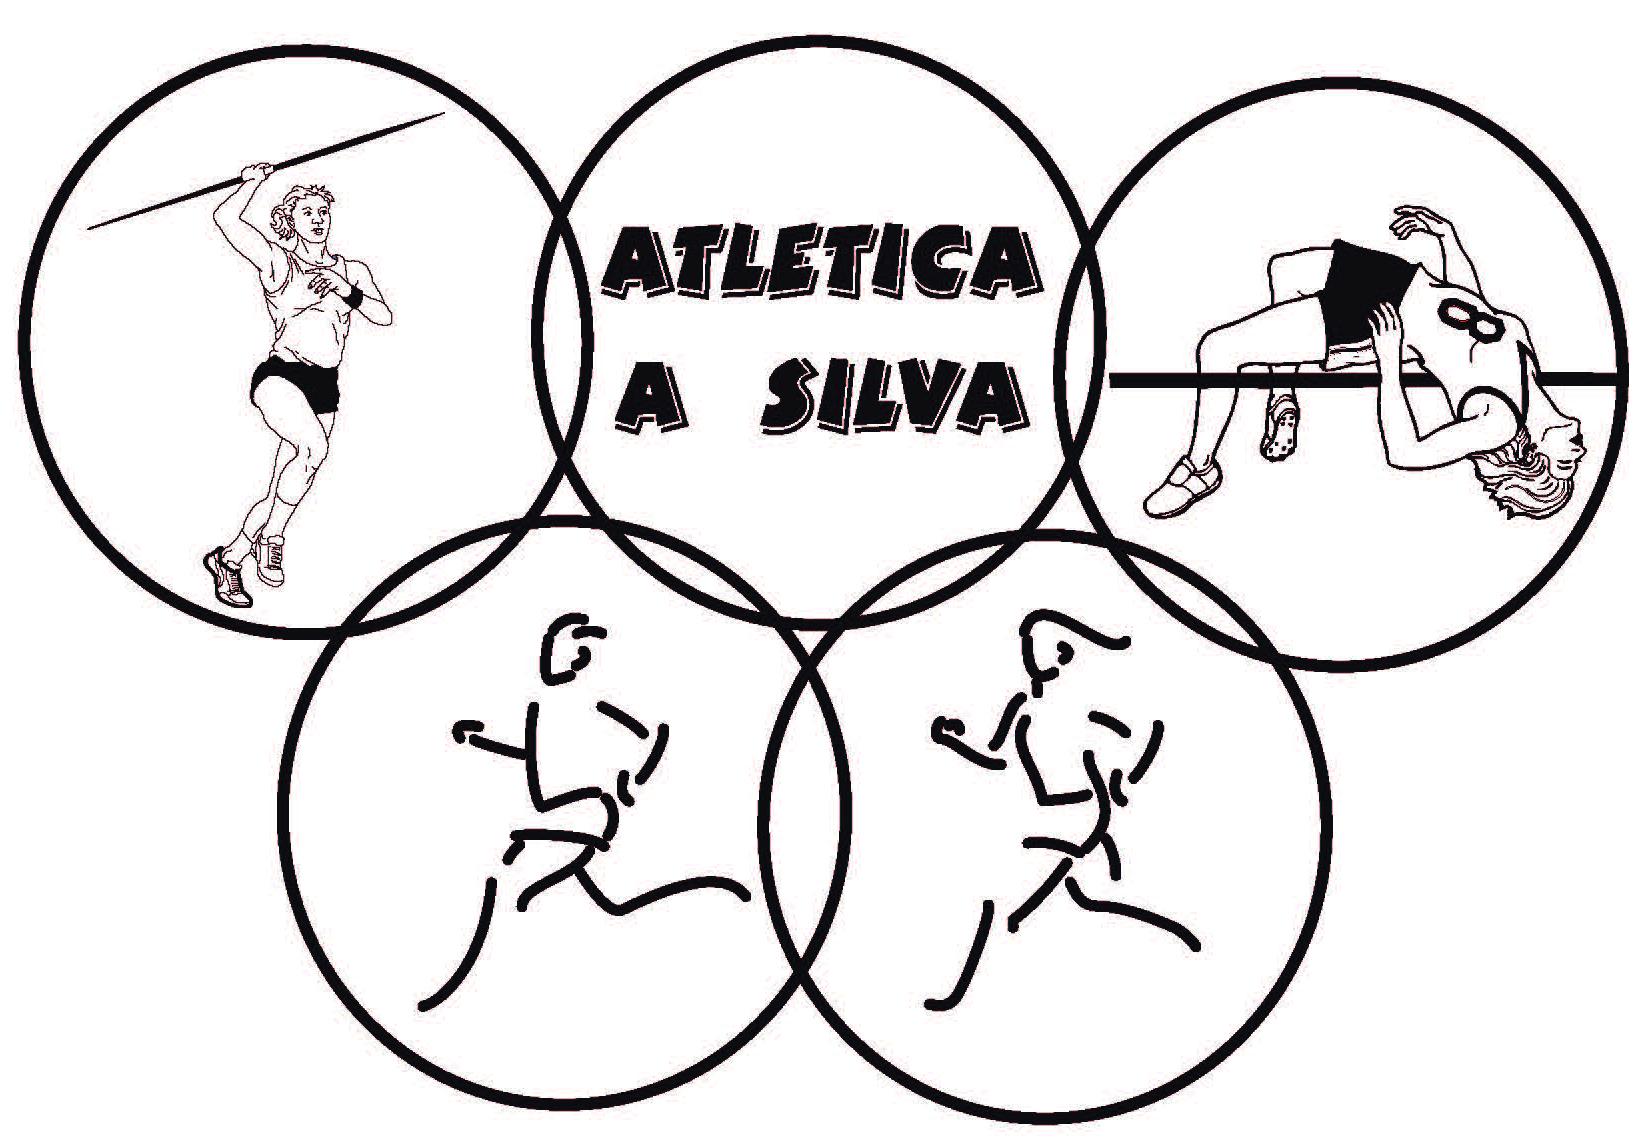 Atlética A Silva